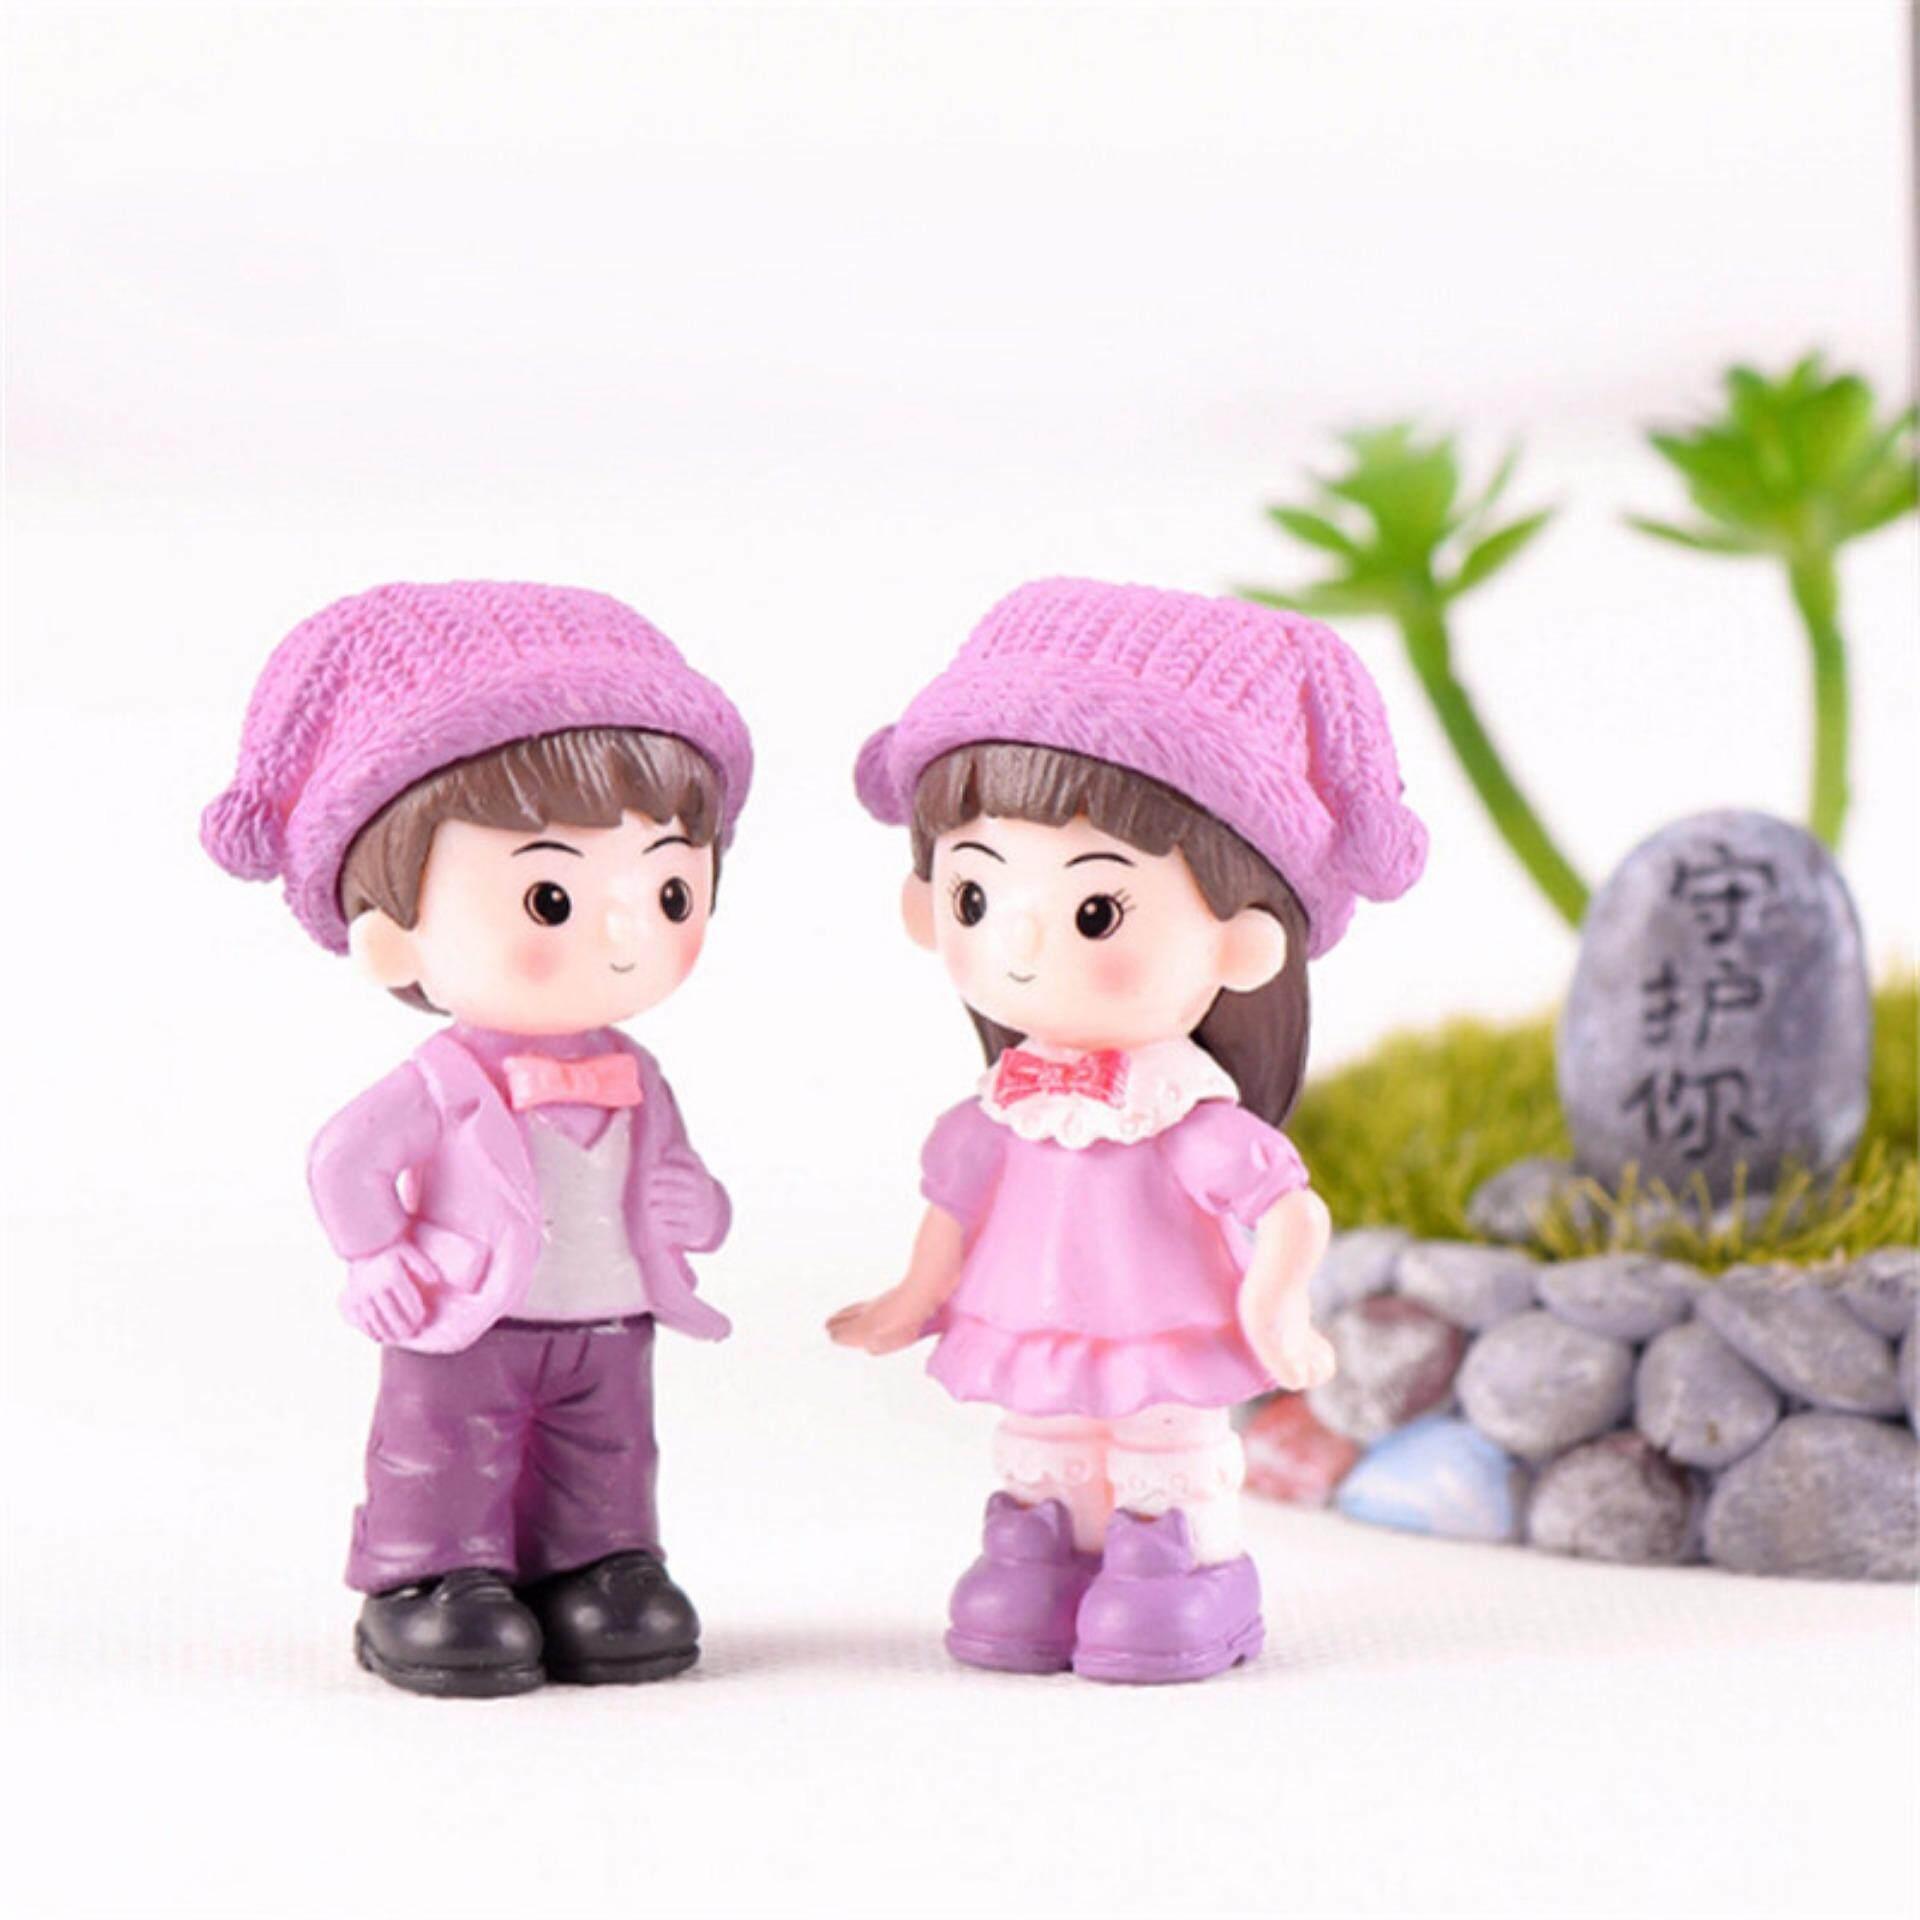 Couple With Hat Resin Miniature Figurine Fairy Garden Decor Micro Landscape